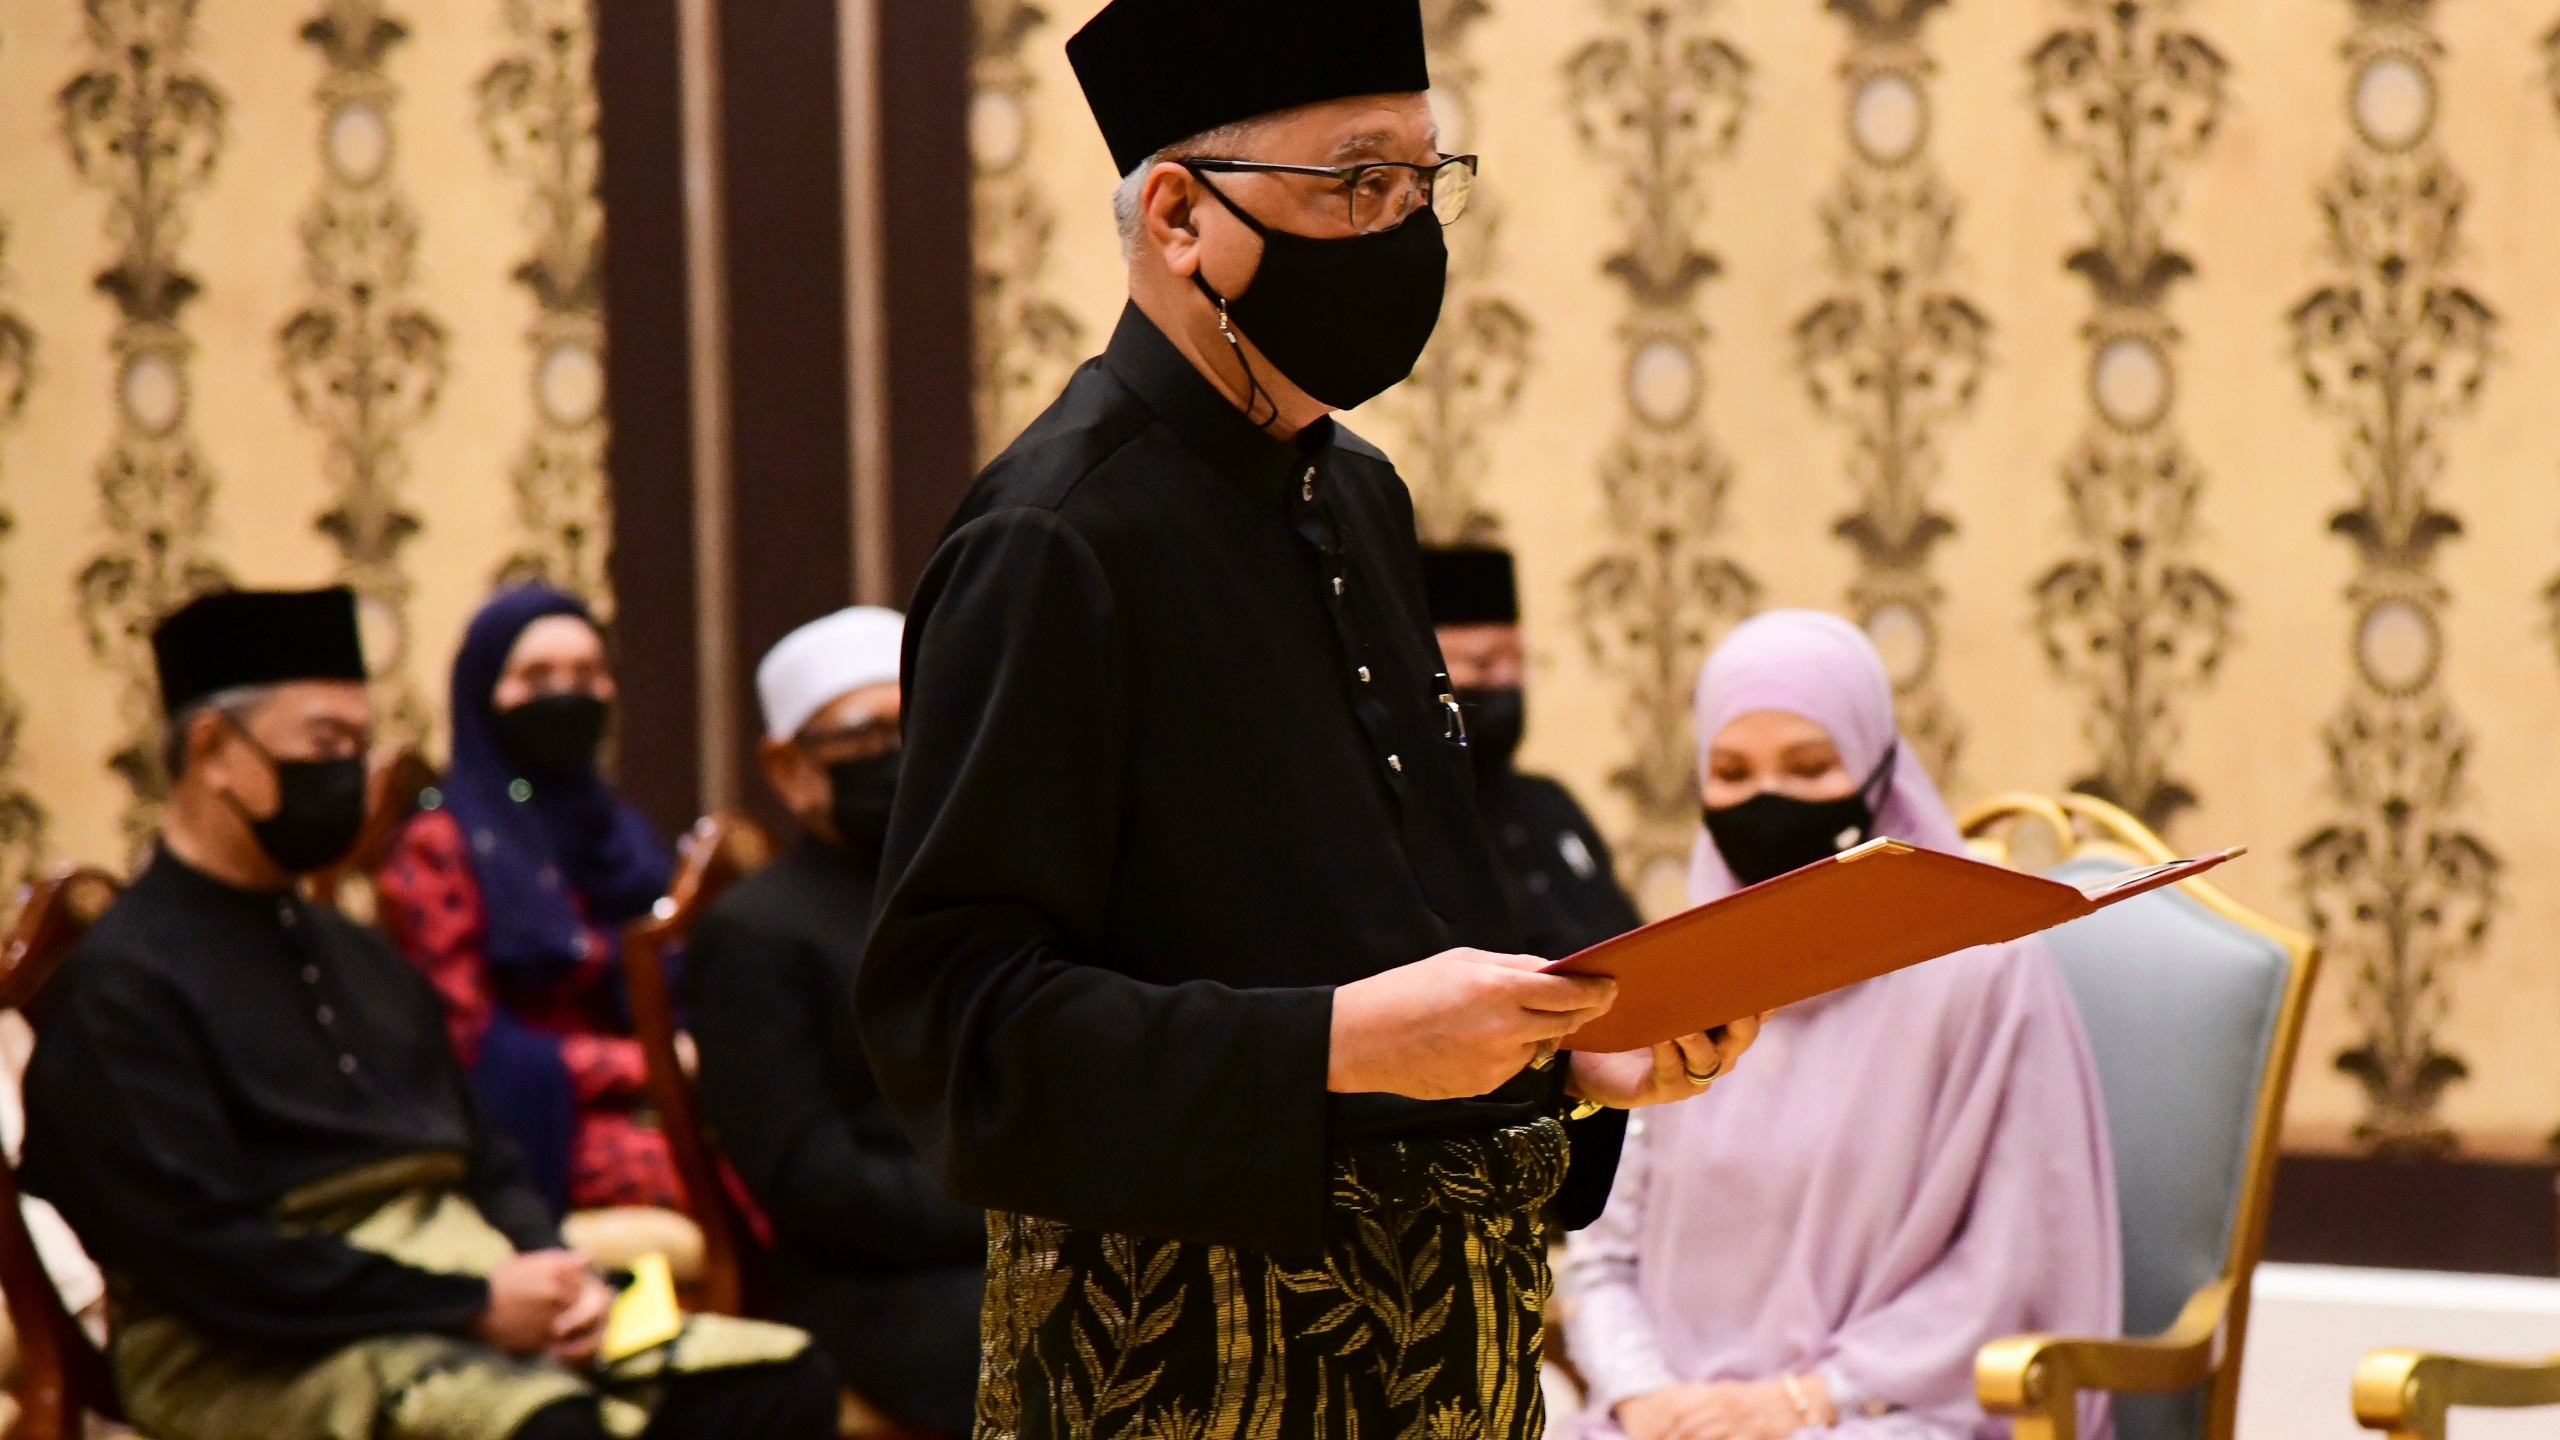 Ismail Sabri Yaakob